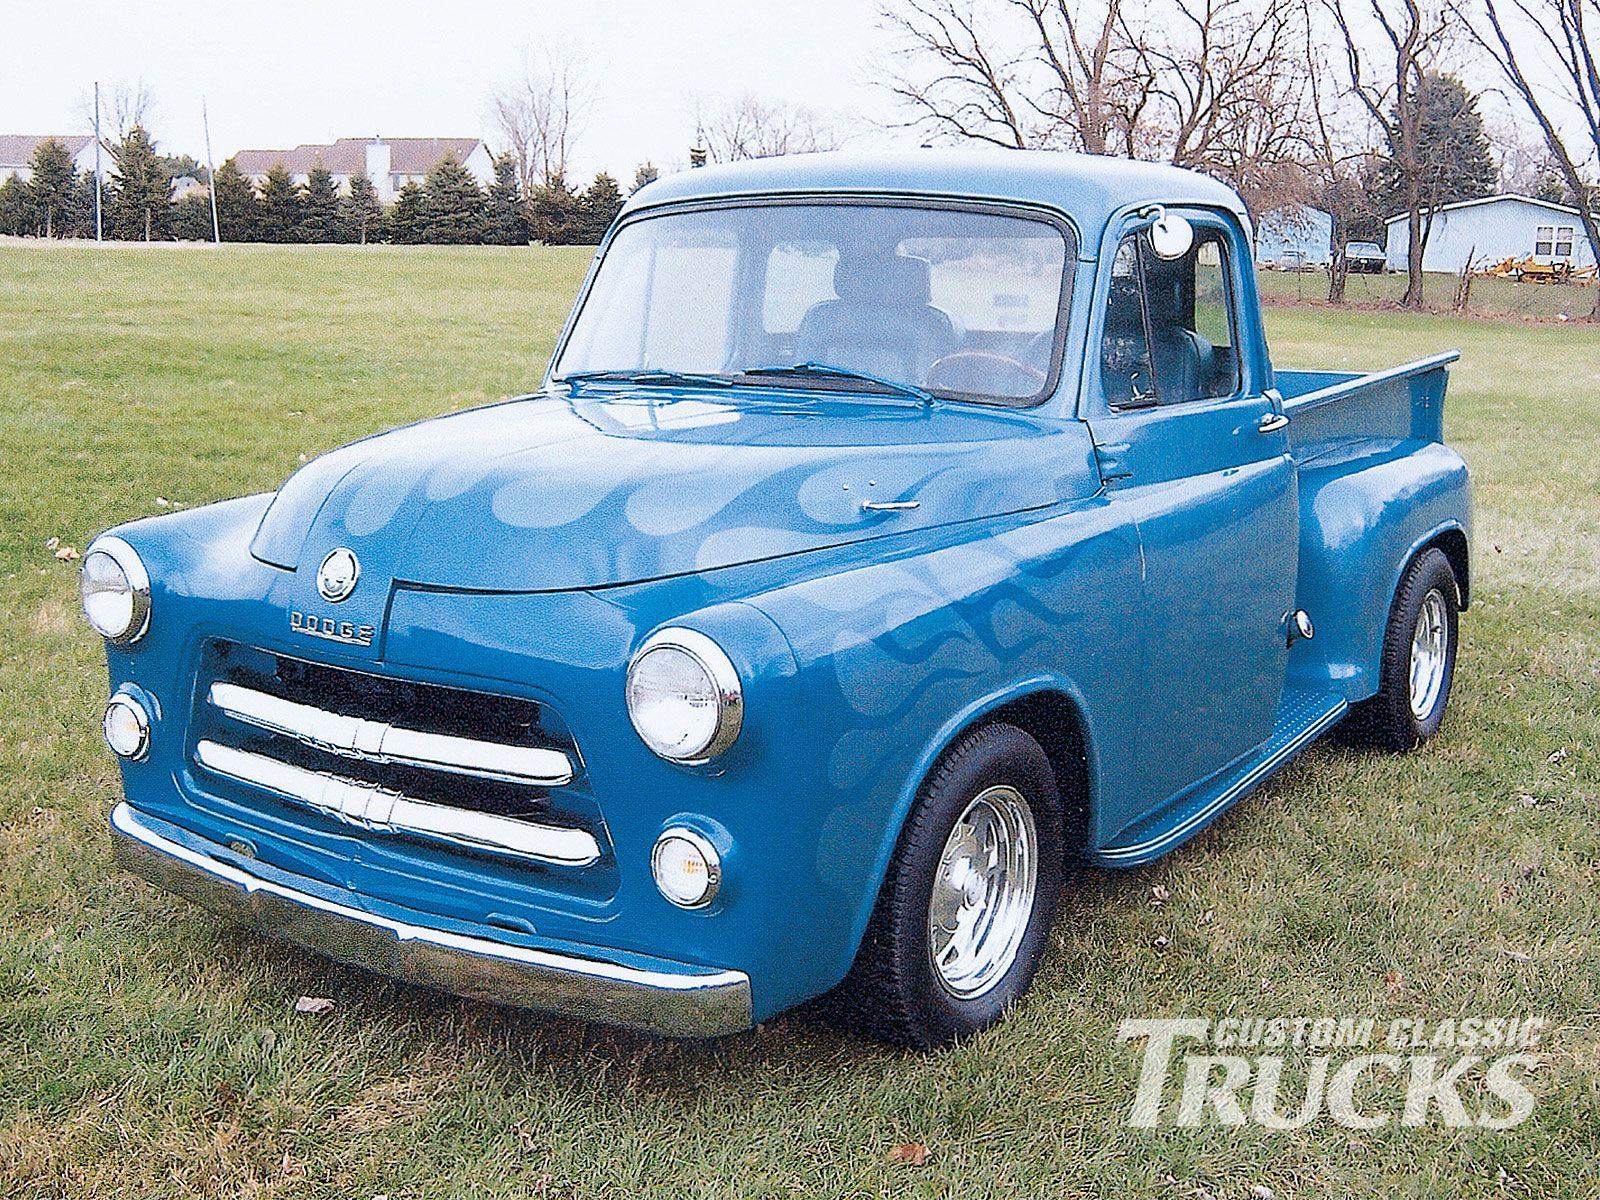 007 clt 151000 dodge trucks 1954 hitz provided by hotrod